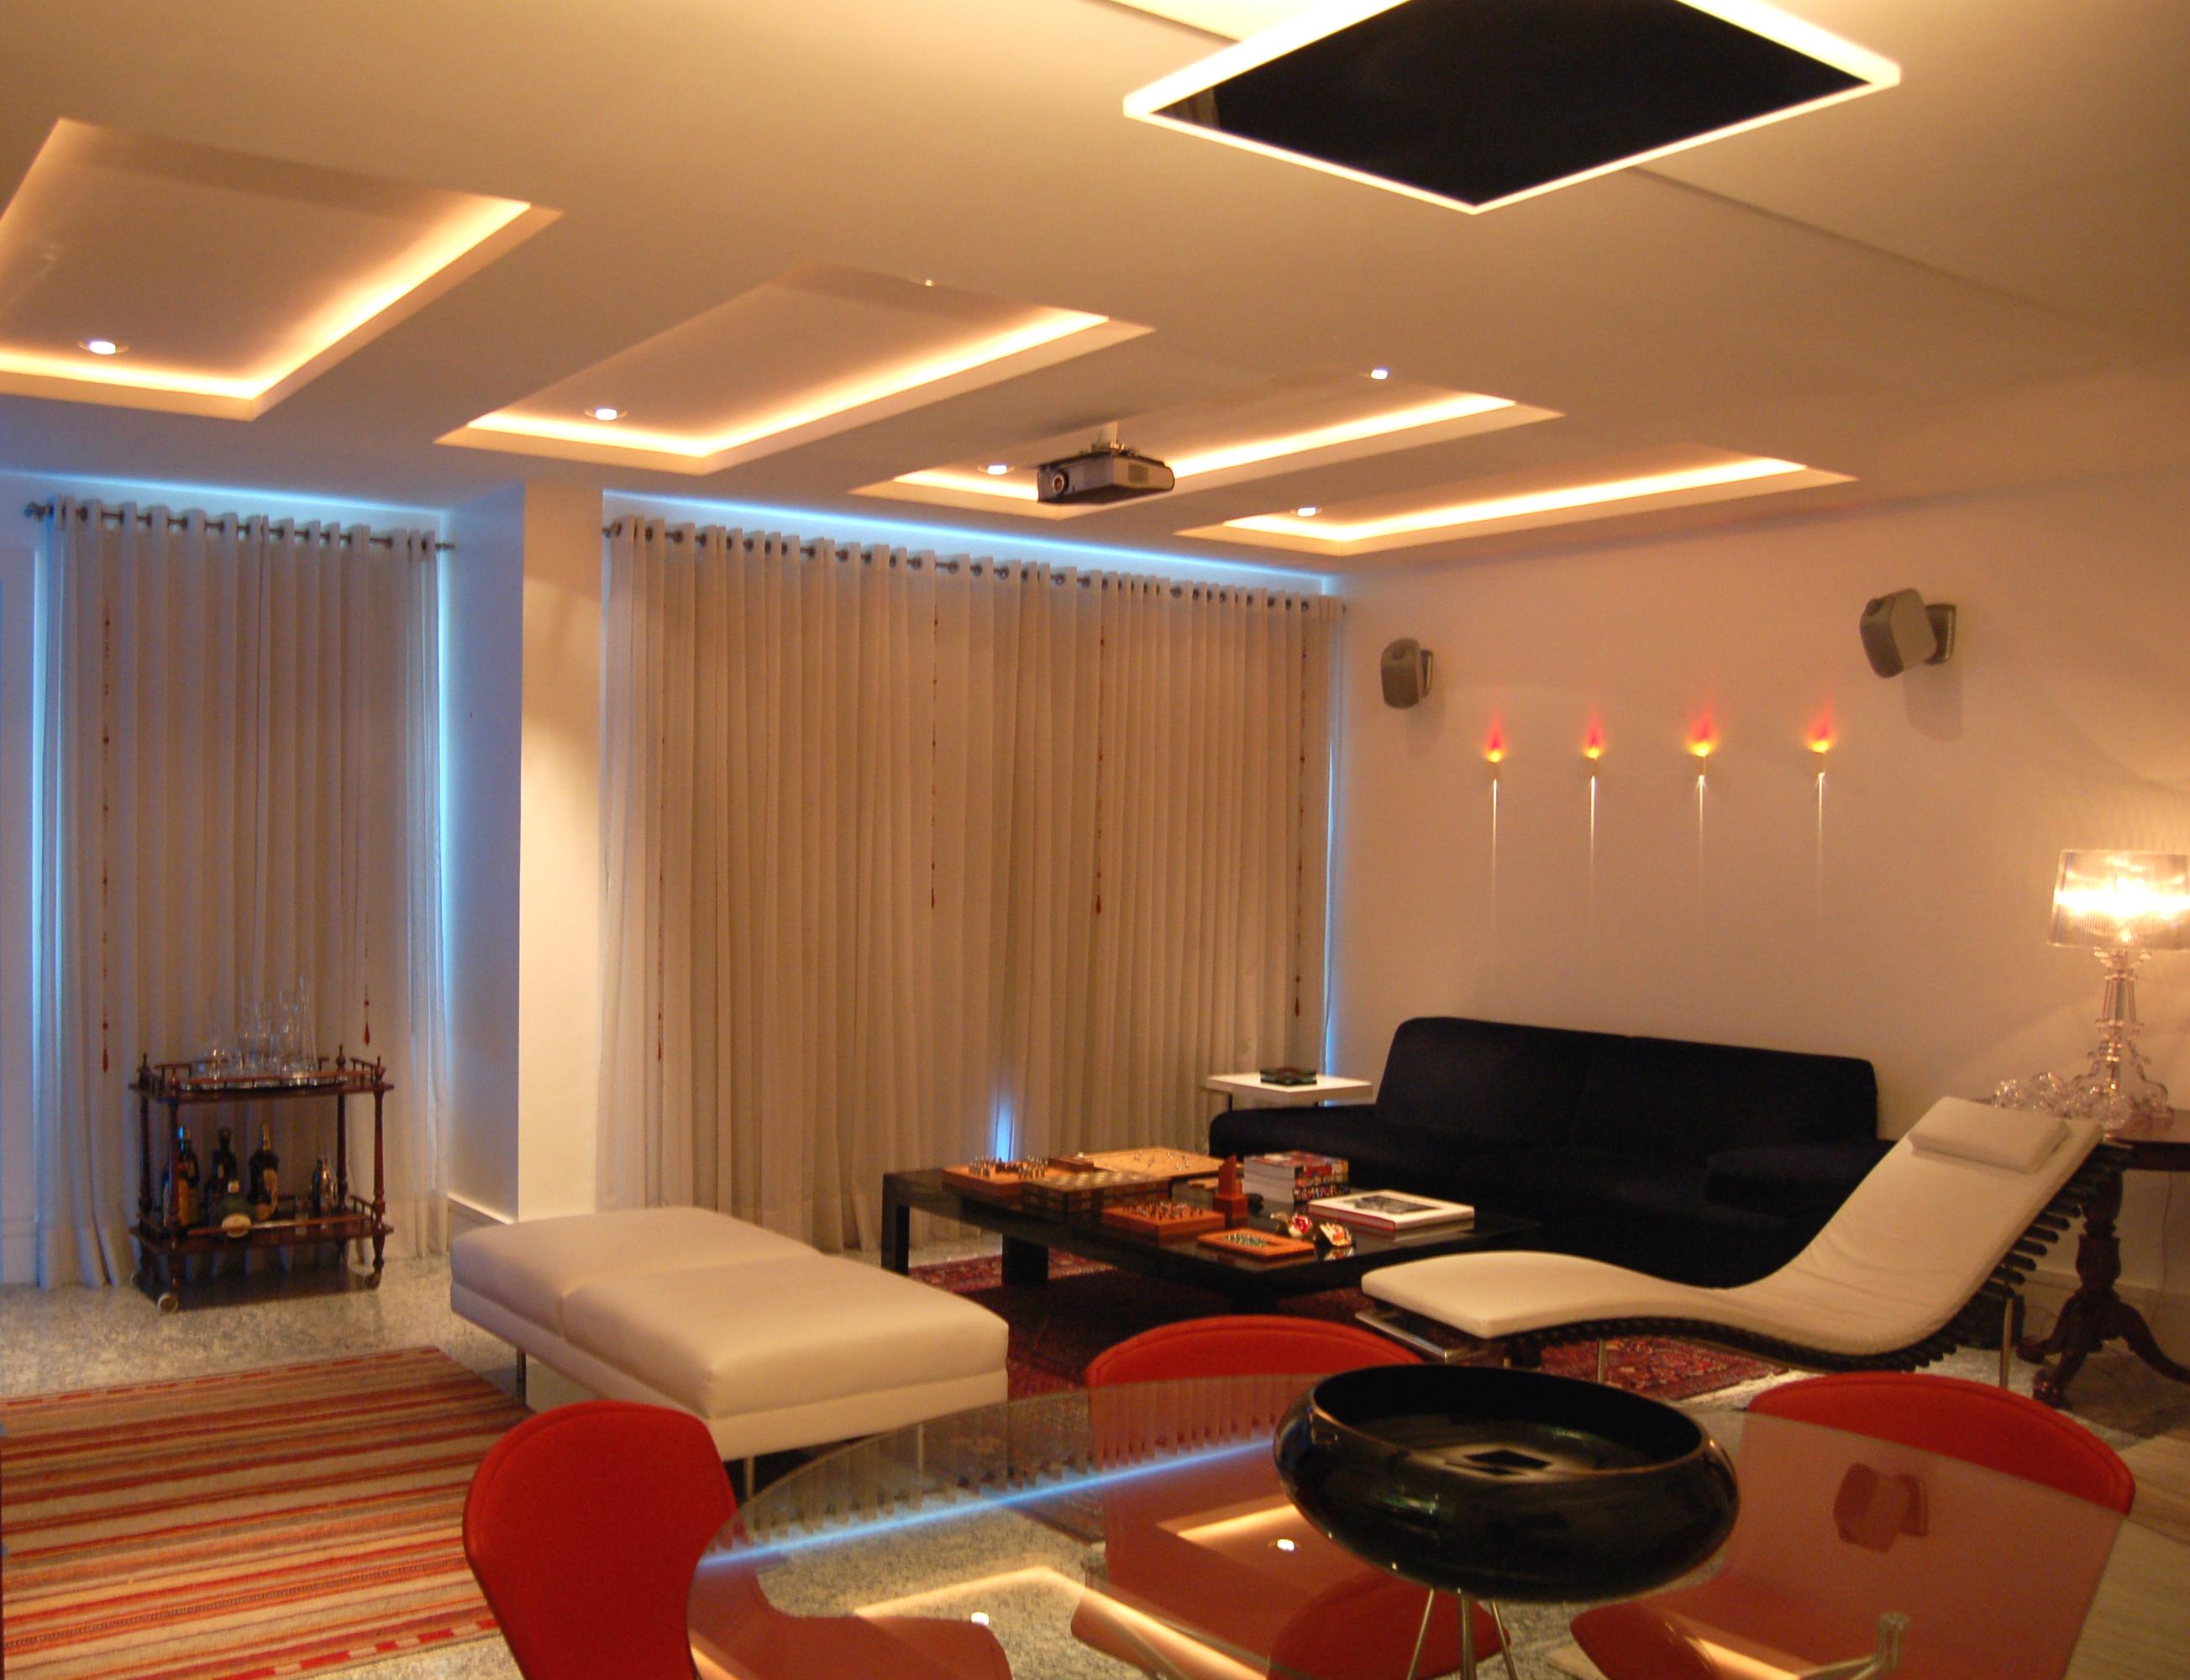 Iluminação na decoração 5